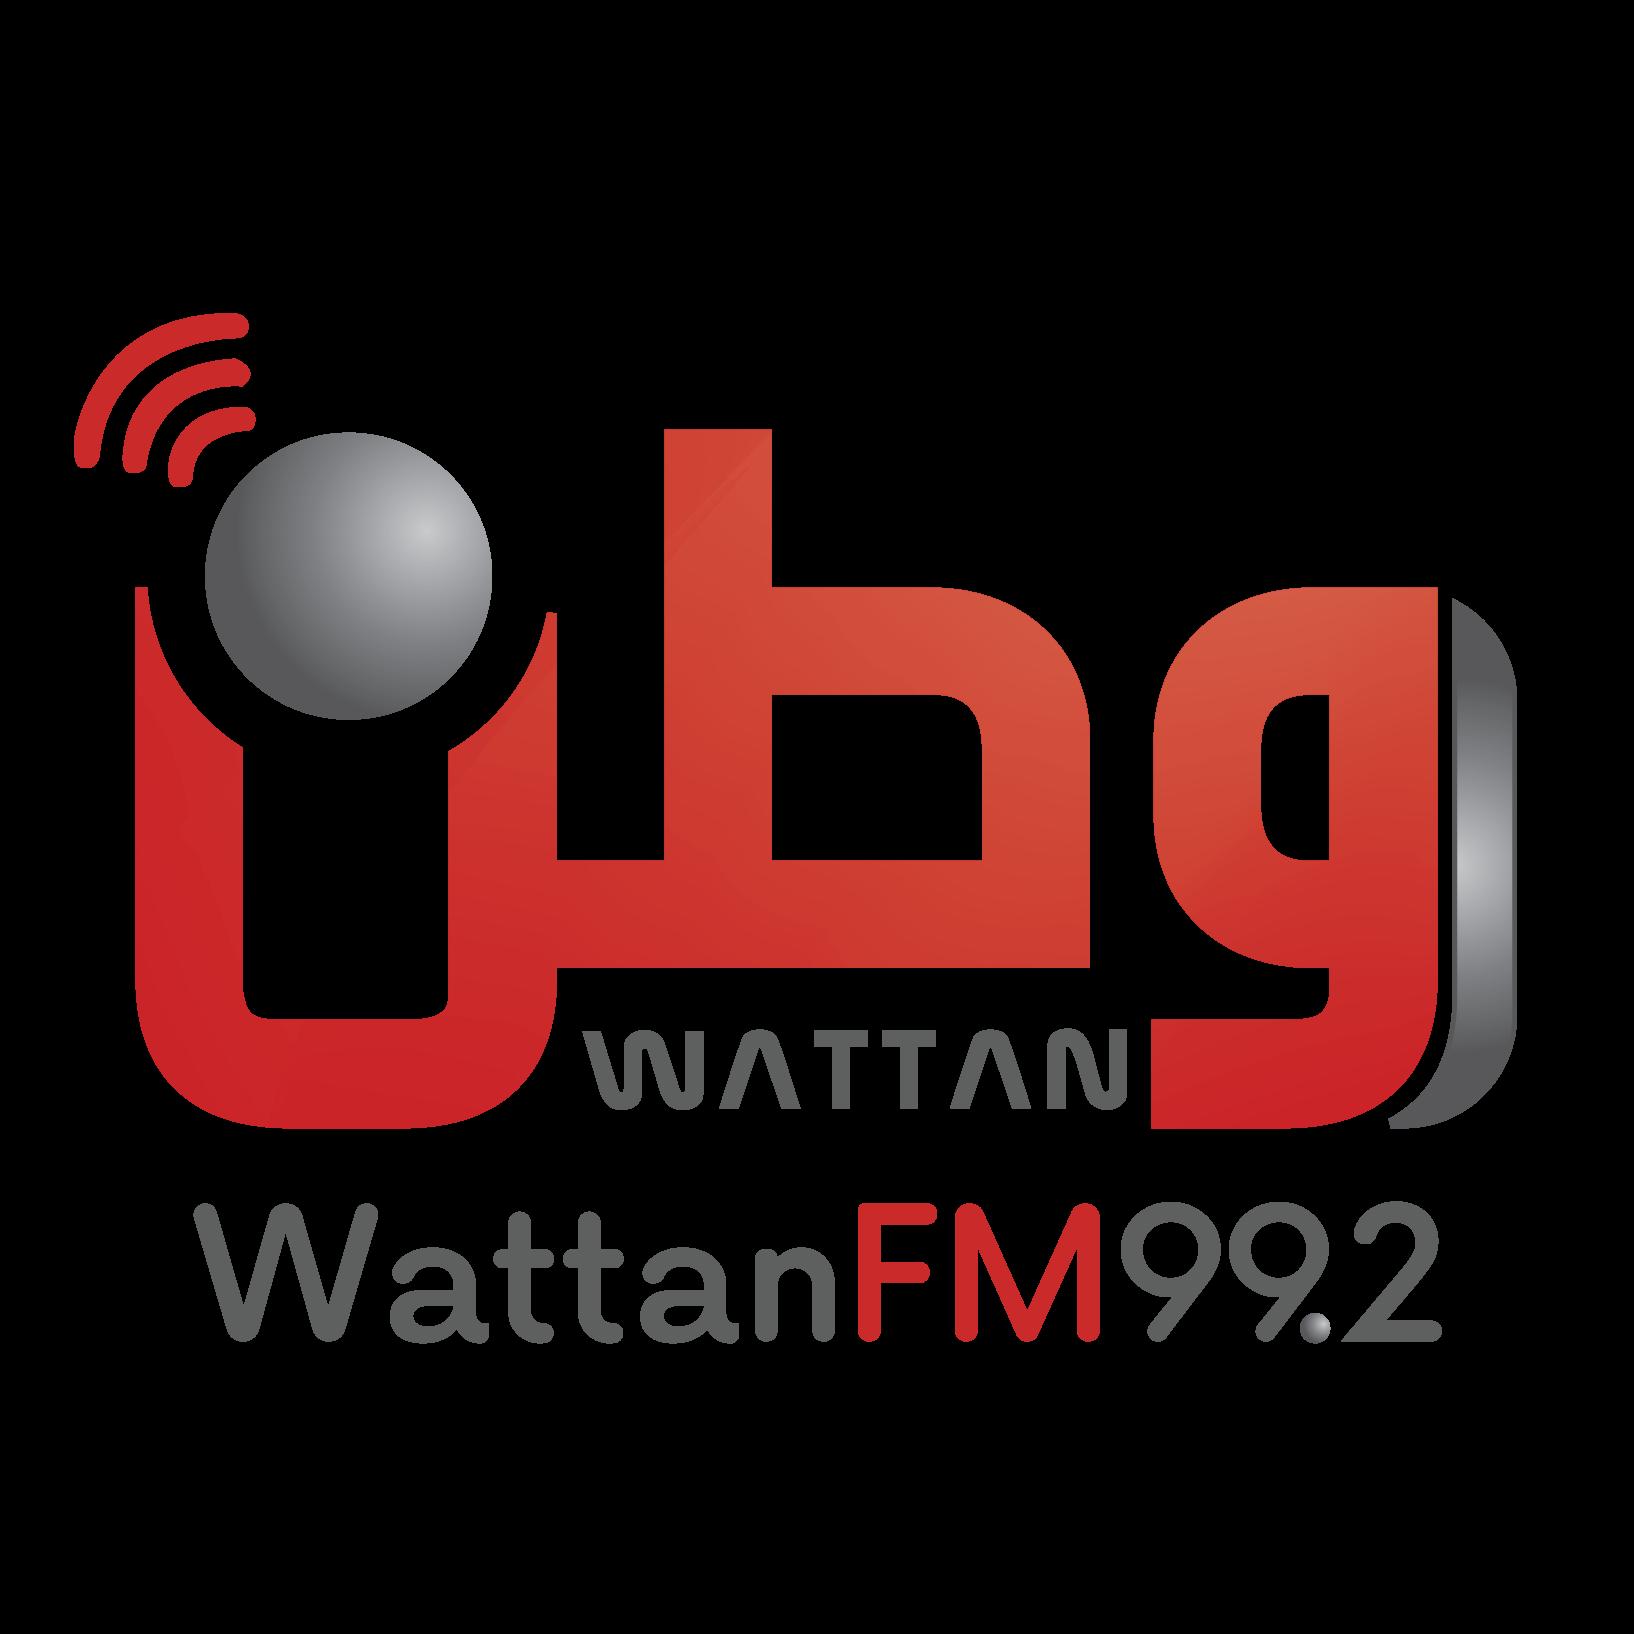 Wattan FM